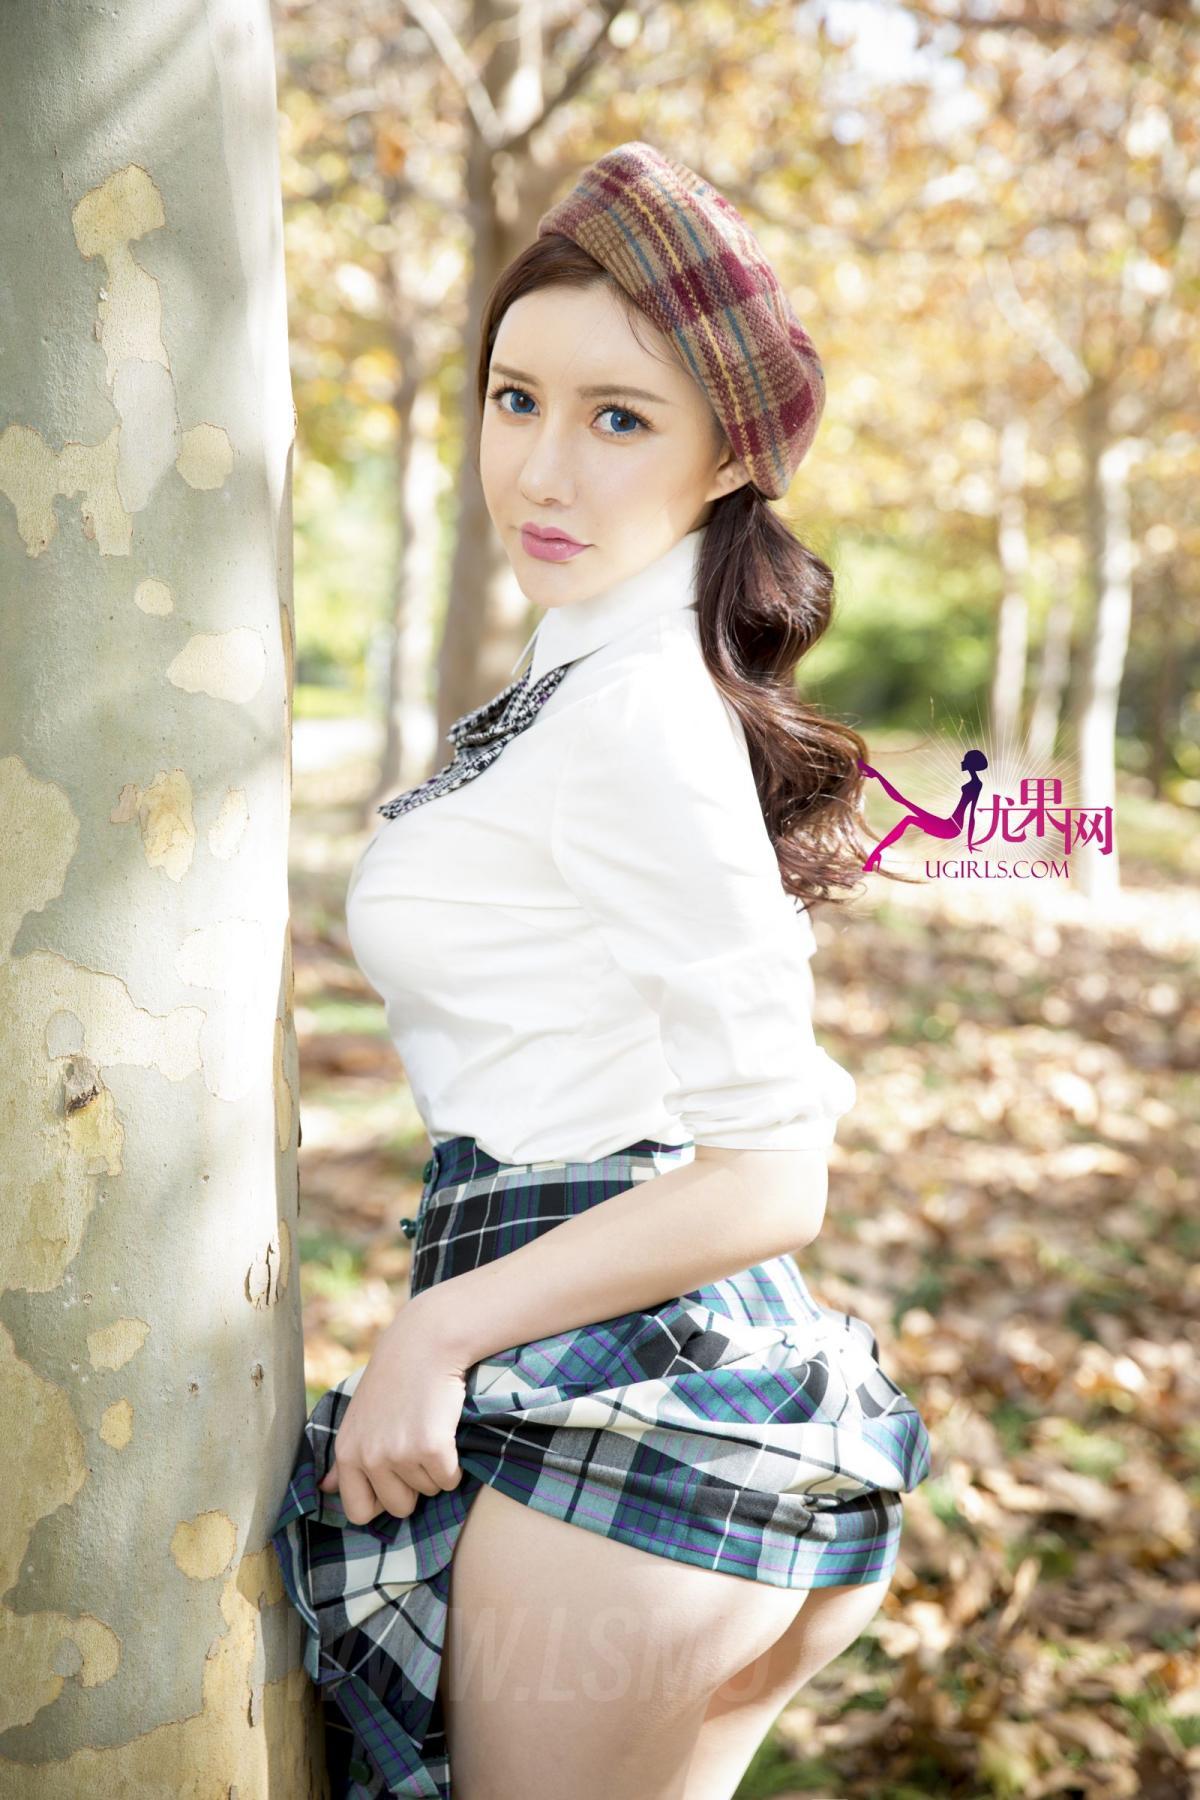 [Ugirls] Vol.129 Chen Bao La